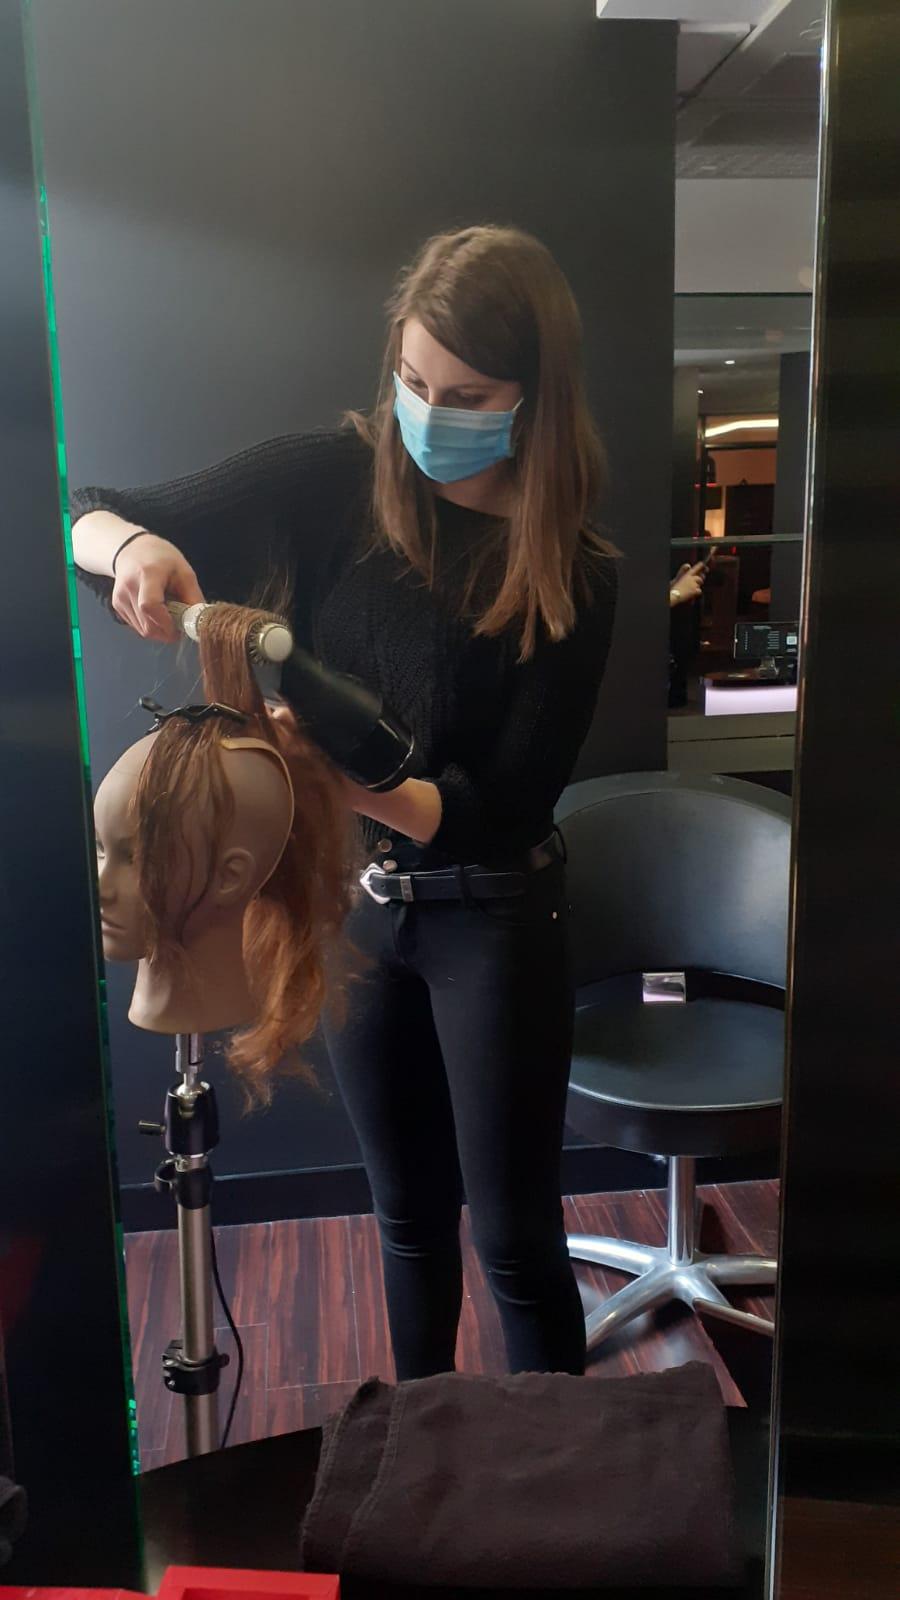 Séchage cheveux réalisée par une stagiaire lors d'une formation